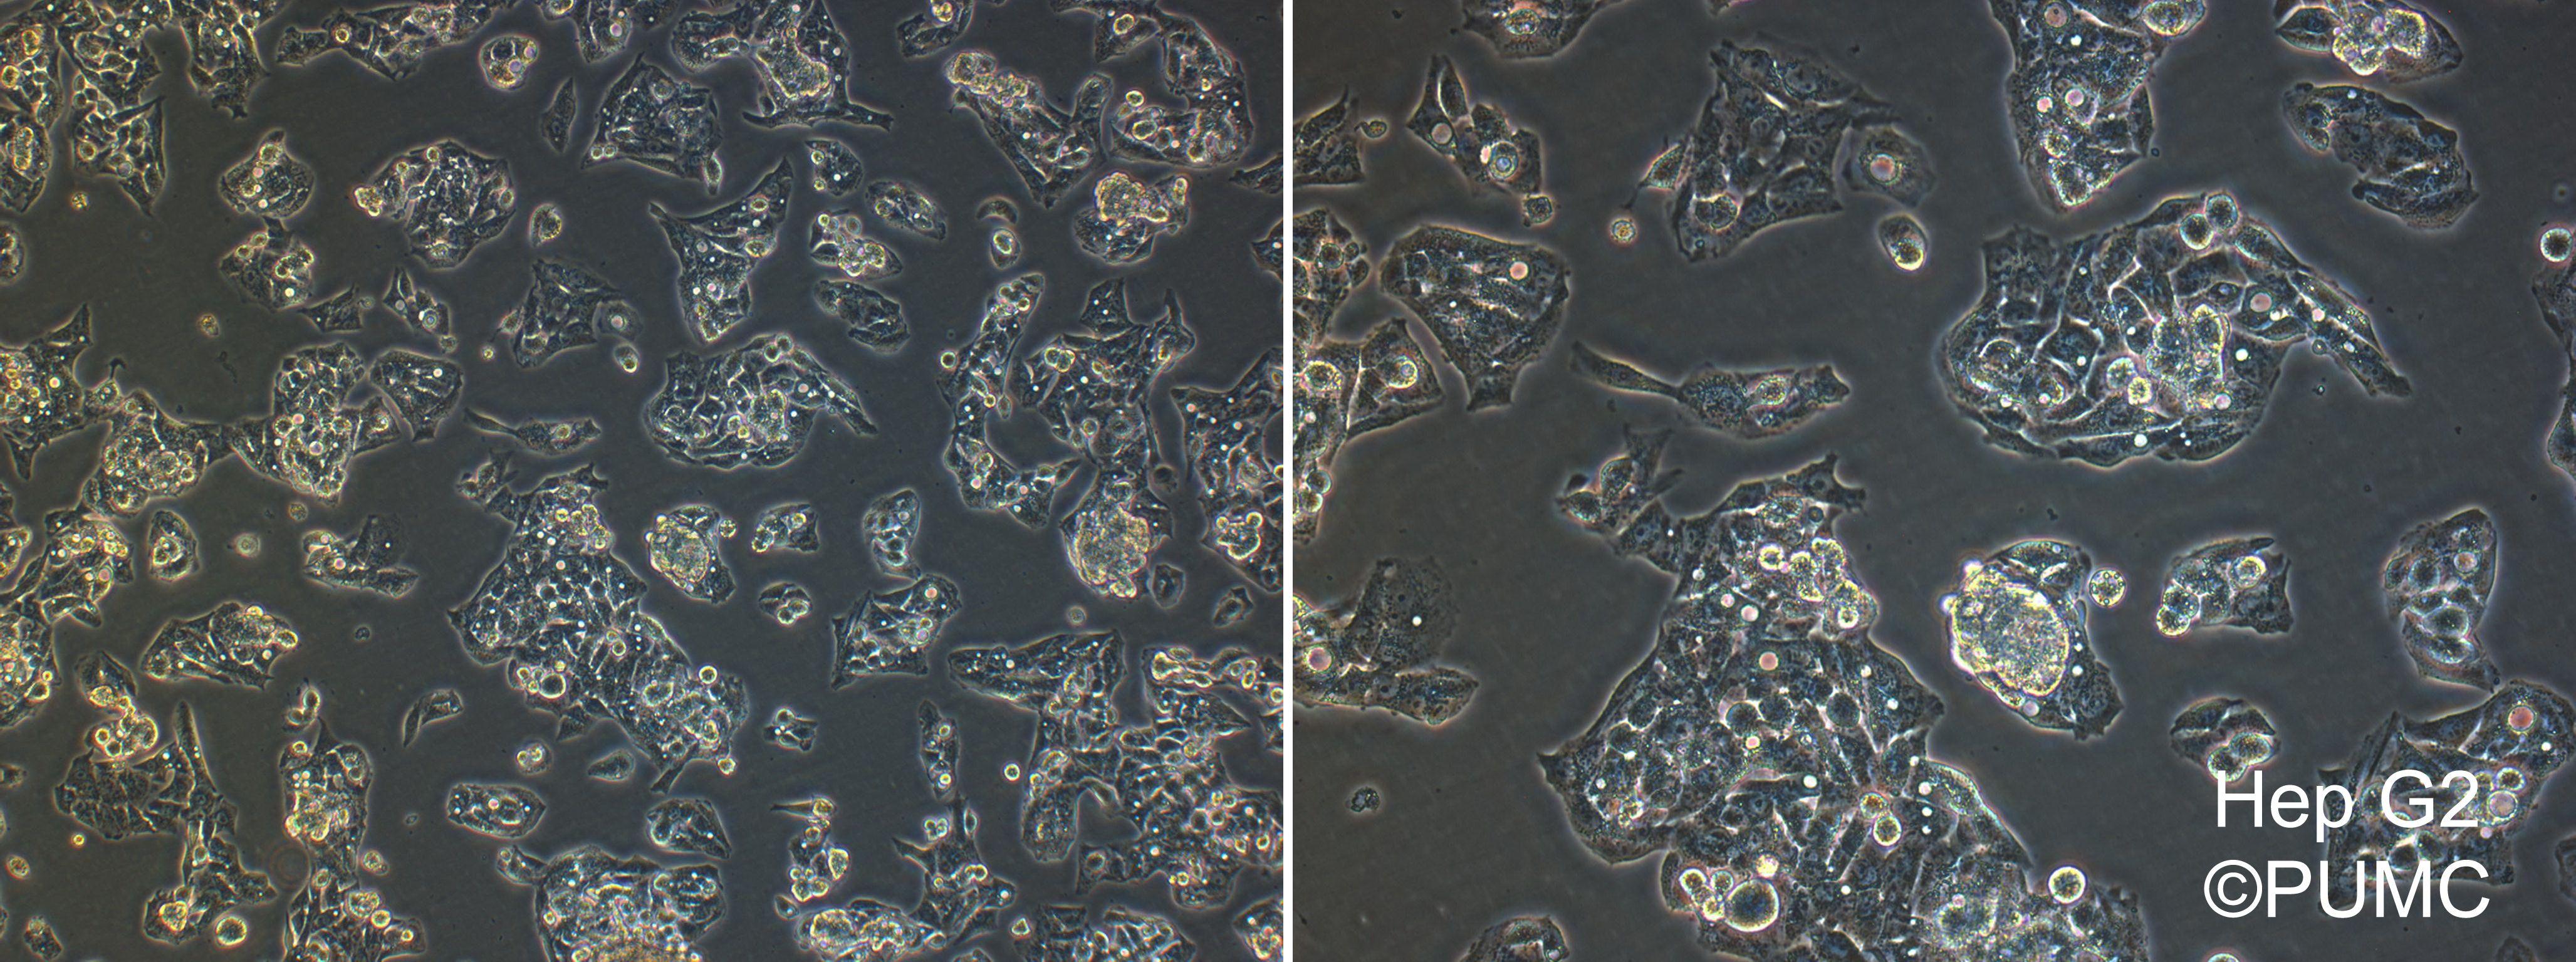 肝癌類細胞培養統計及問題溝通